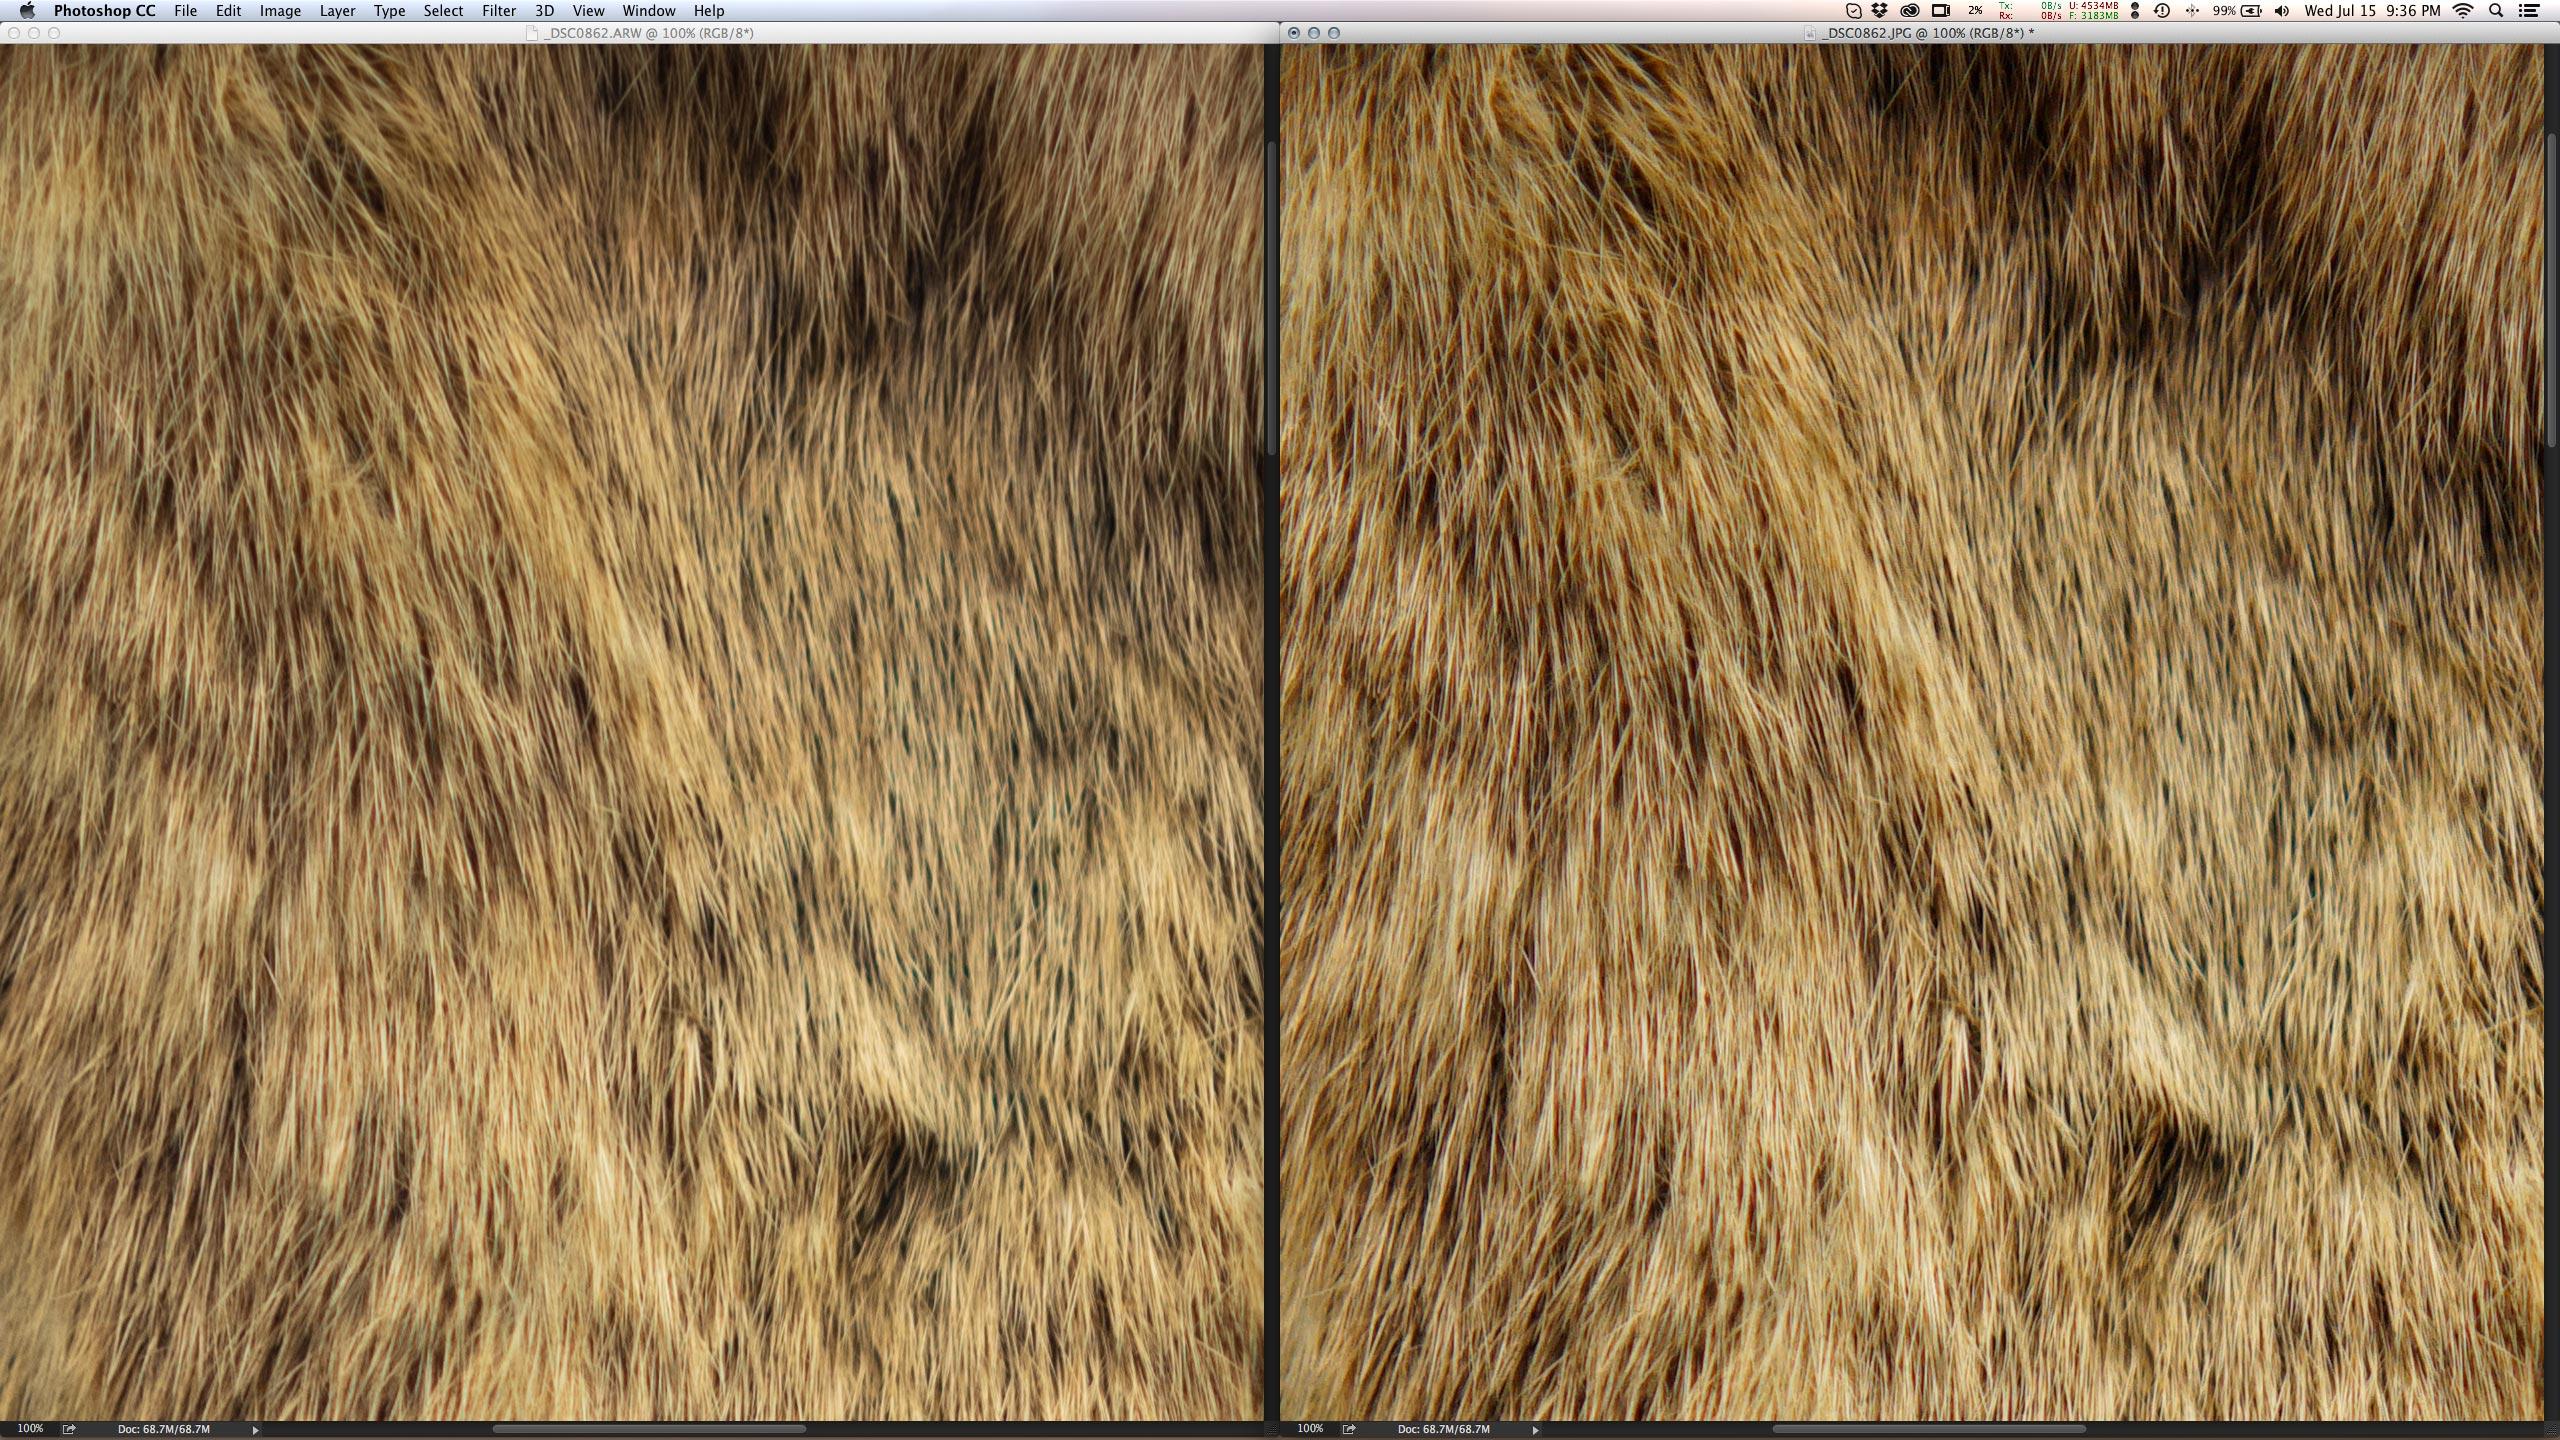 Funciona para arquivos JPEG extremamente nítidos direto da câmera (direita).